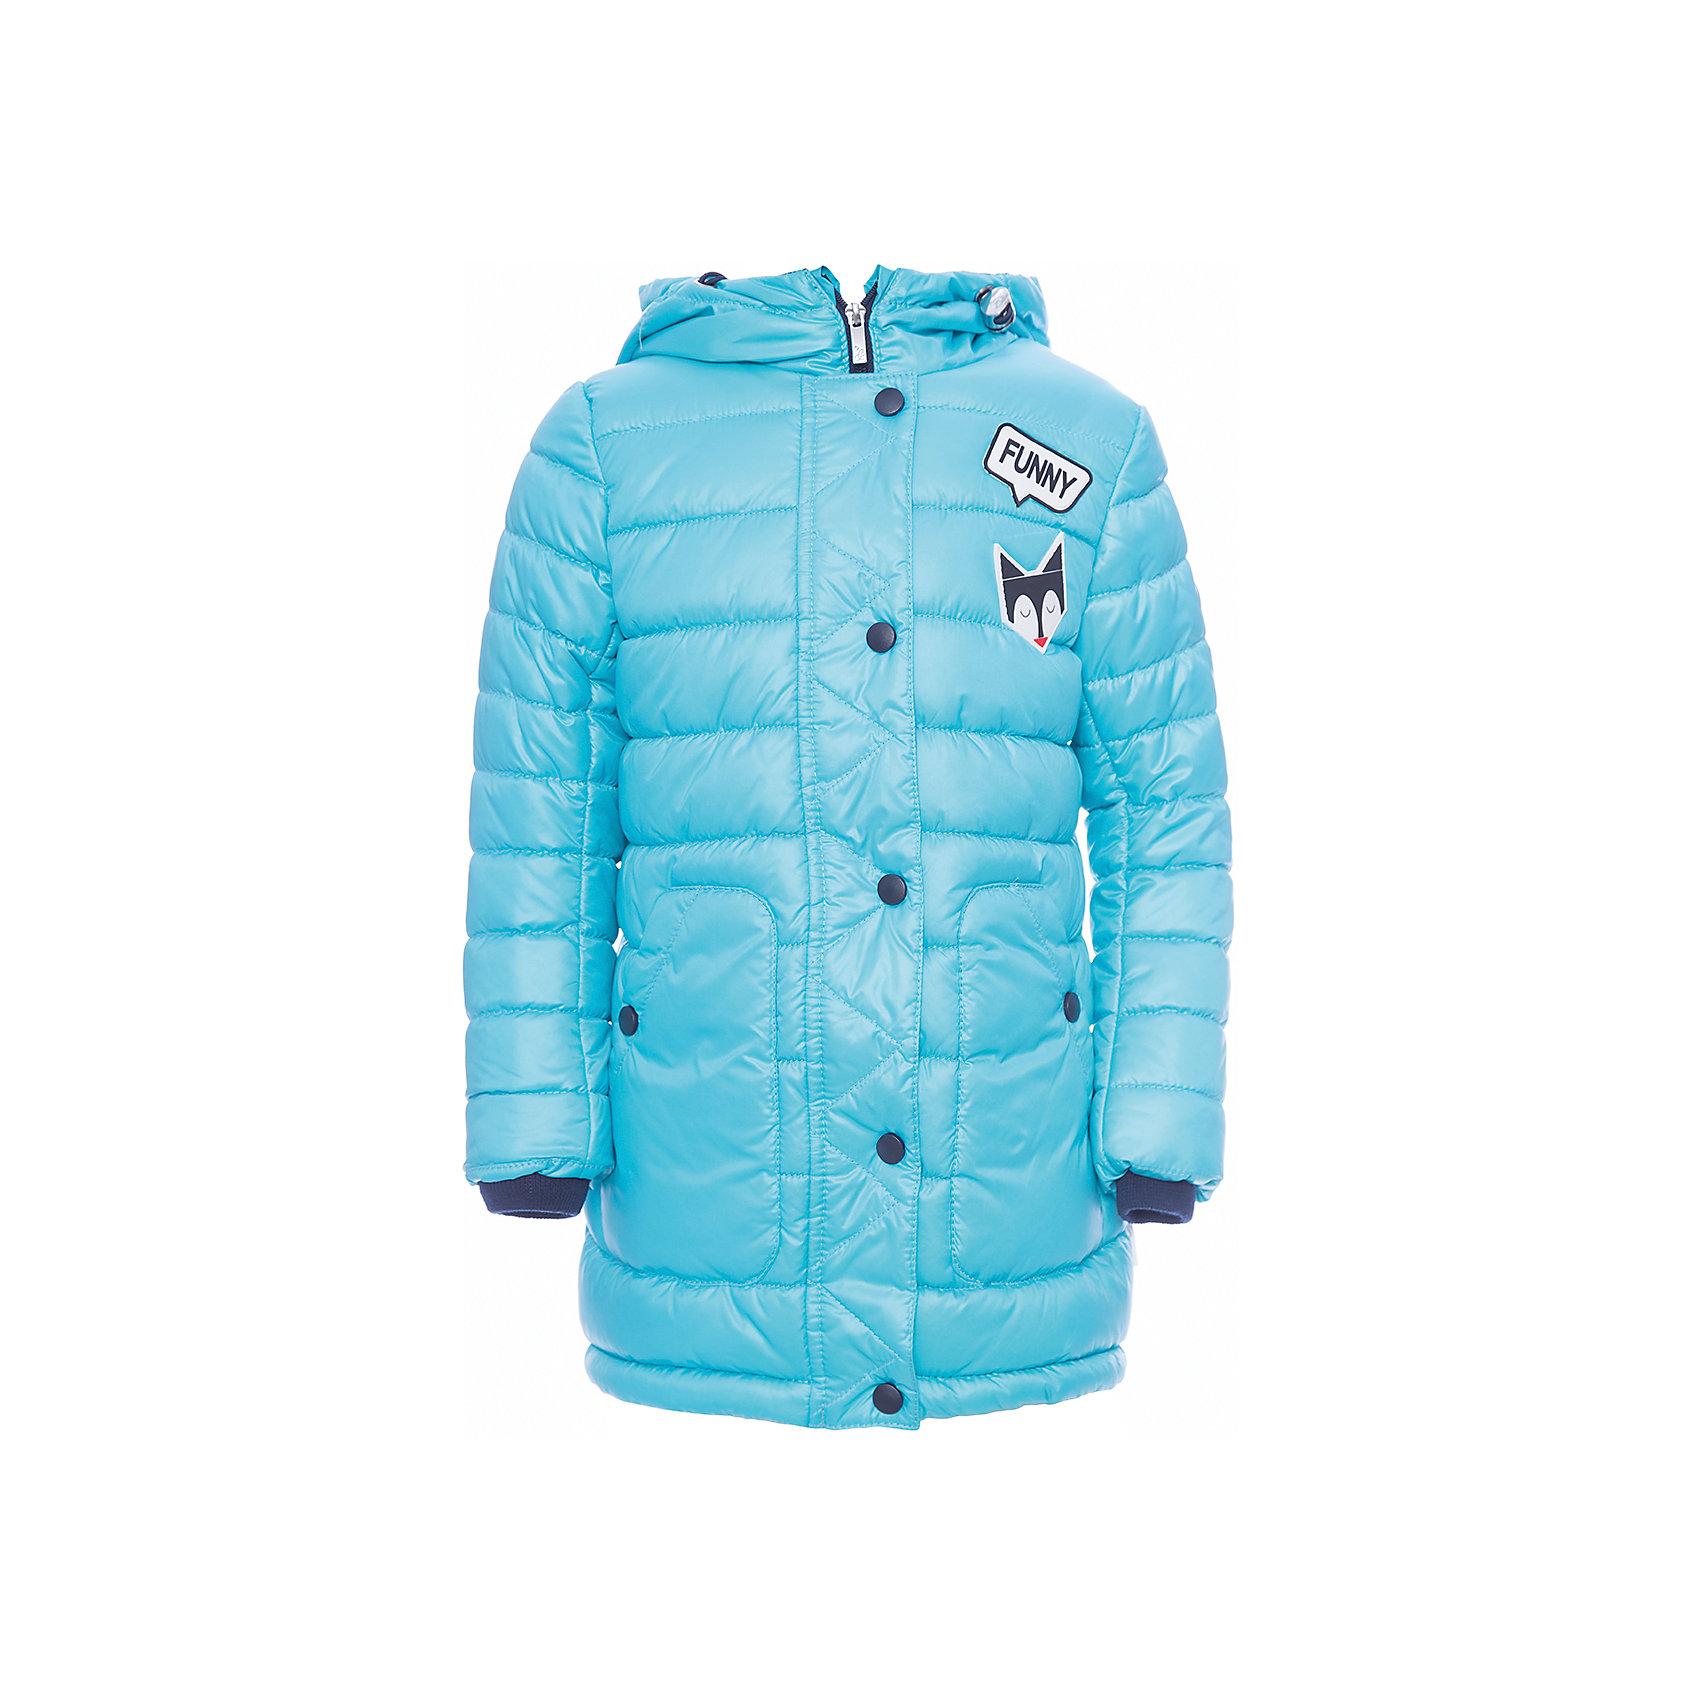 Пальто BOOM by Orby для девочкиВерхняя одежда<br>Характеристики товара:<br><br>• цвет:синий<br>• ткань верха: Таффета oil cire pu milky <br>• подкладка: ПЭ пуходержащий<br>• утеплитель: Flexy Fiber 200 г/м2<br>• сезон: демисезон<br>• температурный режим: от -5°до +10°С<br>• особенности: на молнии, стеганая<br>• тип пальто: стеганое<br>• капюшон: без меха, несъемный<br>• страна бренда: Россия<br>• страна изготовитель: Россия<br><br>Принтованное демисезонное пальто для девочки отличается стильным силуэтом и большими накладными карманами. Стеганое пальто благодаря утеплителю согреет ребенка даже в небольшие морозы.<br><br>Пальто BOOM by Orby для девочки можно купить в нашем интернет-магазине.<br><br>Ширина мм: 356<br>Глубина мм: 10<br>Высота мм: 245<br>Вес г: 519<br>Цвет: зеленый<br>Возраст от месяцев: 48<br>Возраст до месяцев: 60<br>Пол: Женский<br>Возраст: Детский<br>Размер: 110,140,104,146,152,98,158,116,164,122,170,128,134<br>SKU: 7007136